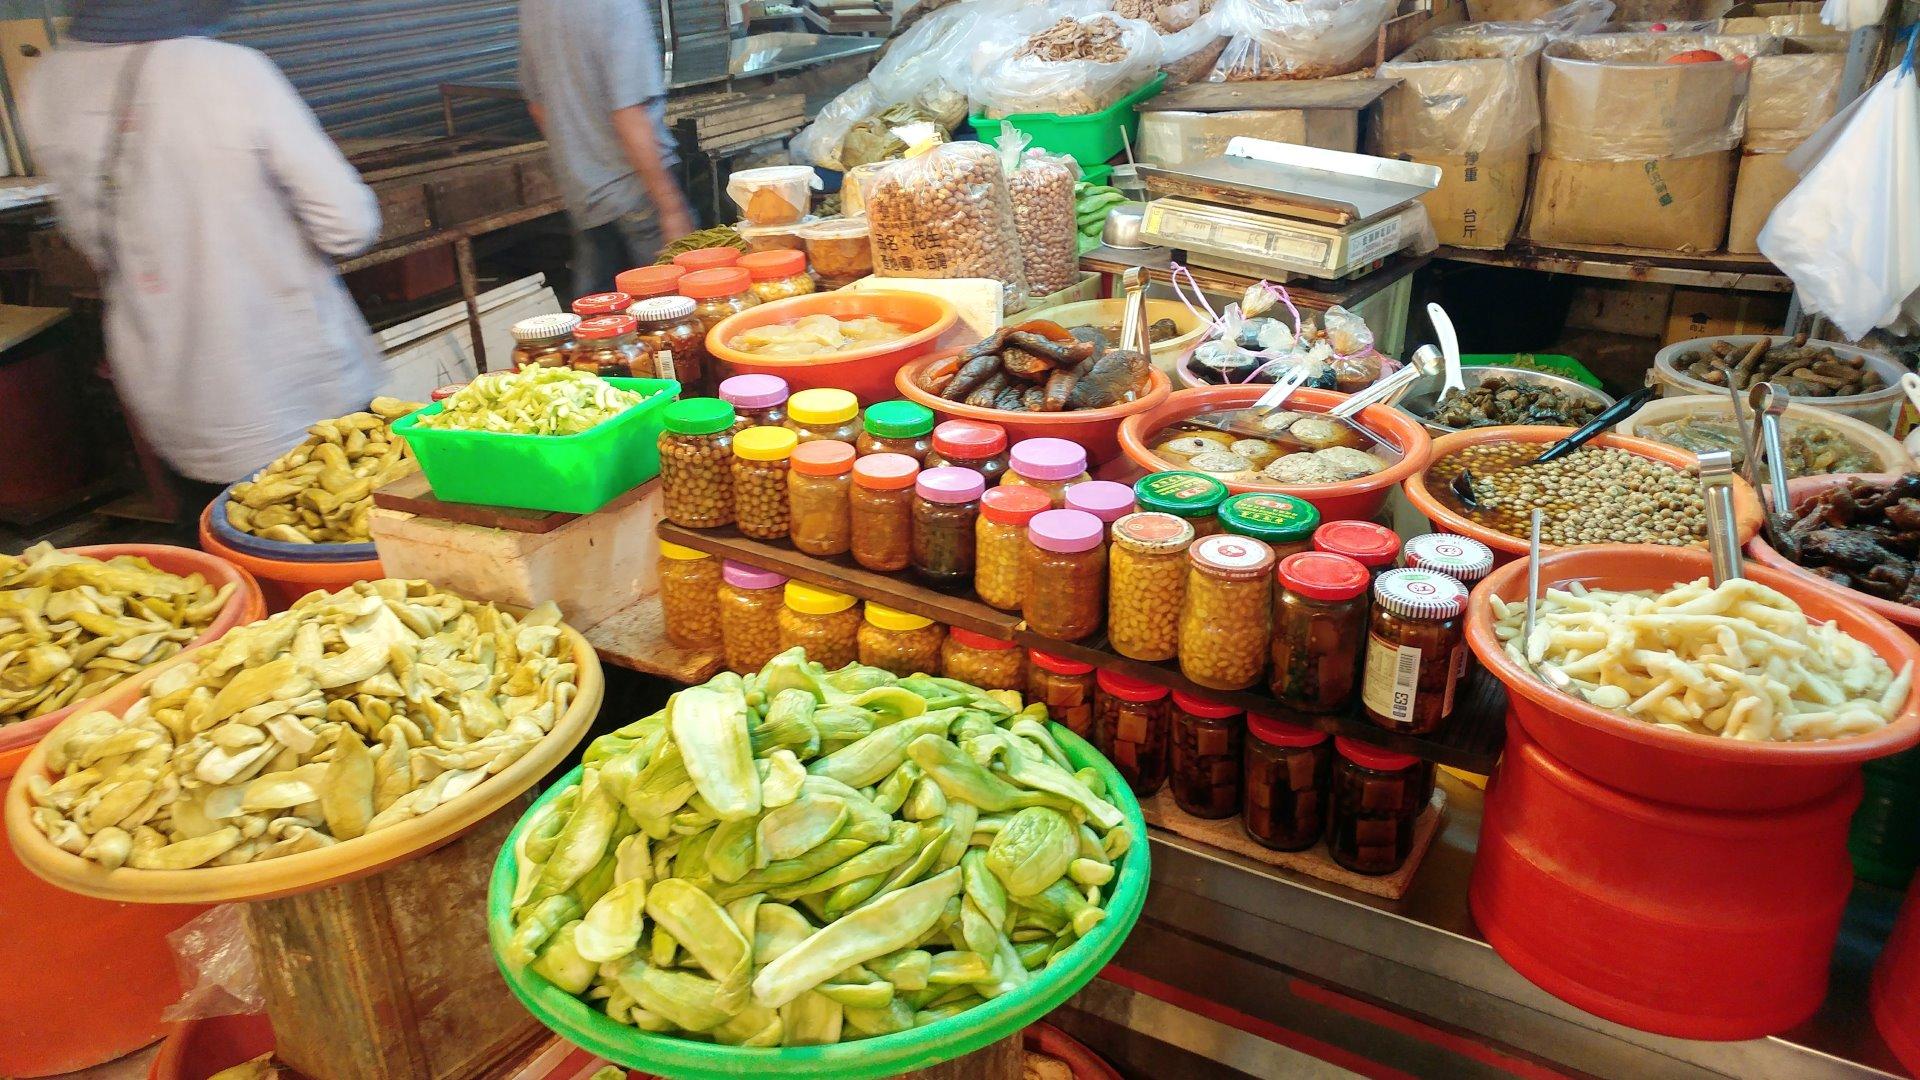 樸子市場的醬菜攤 – im5481